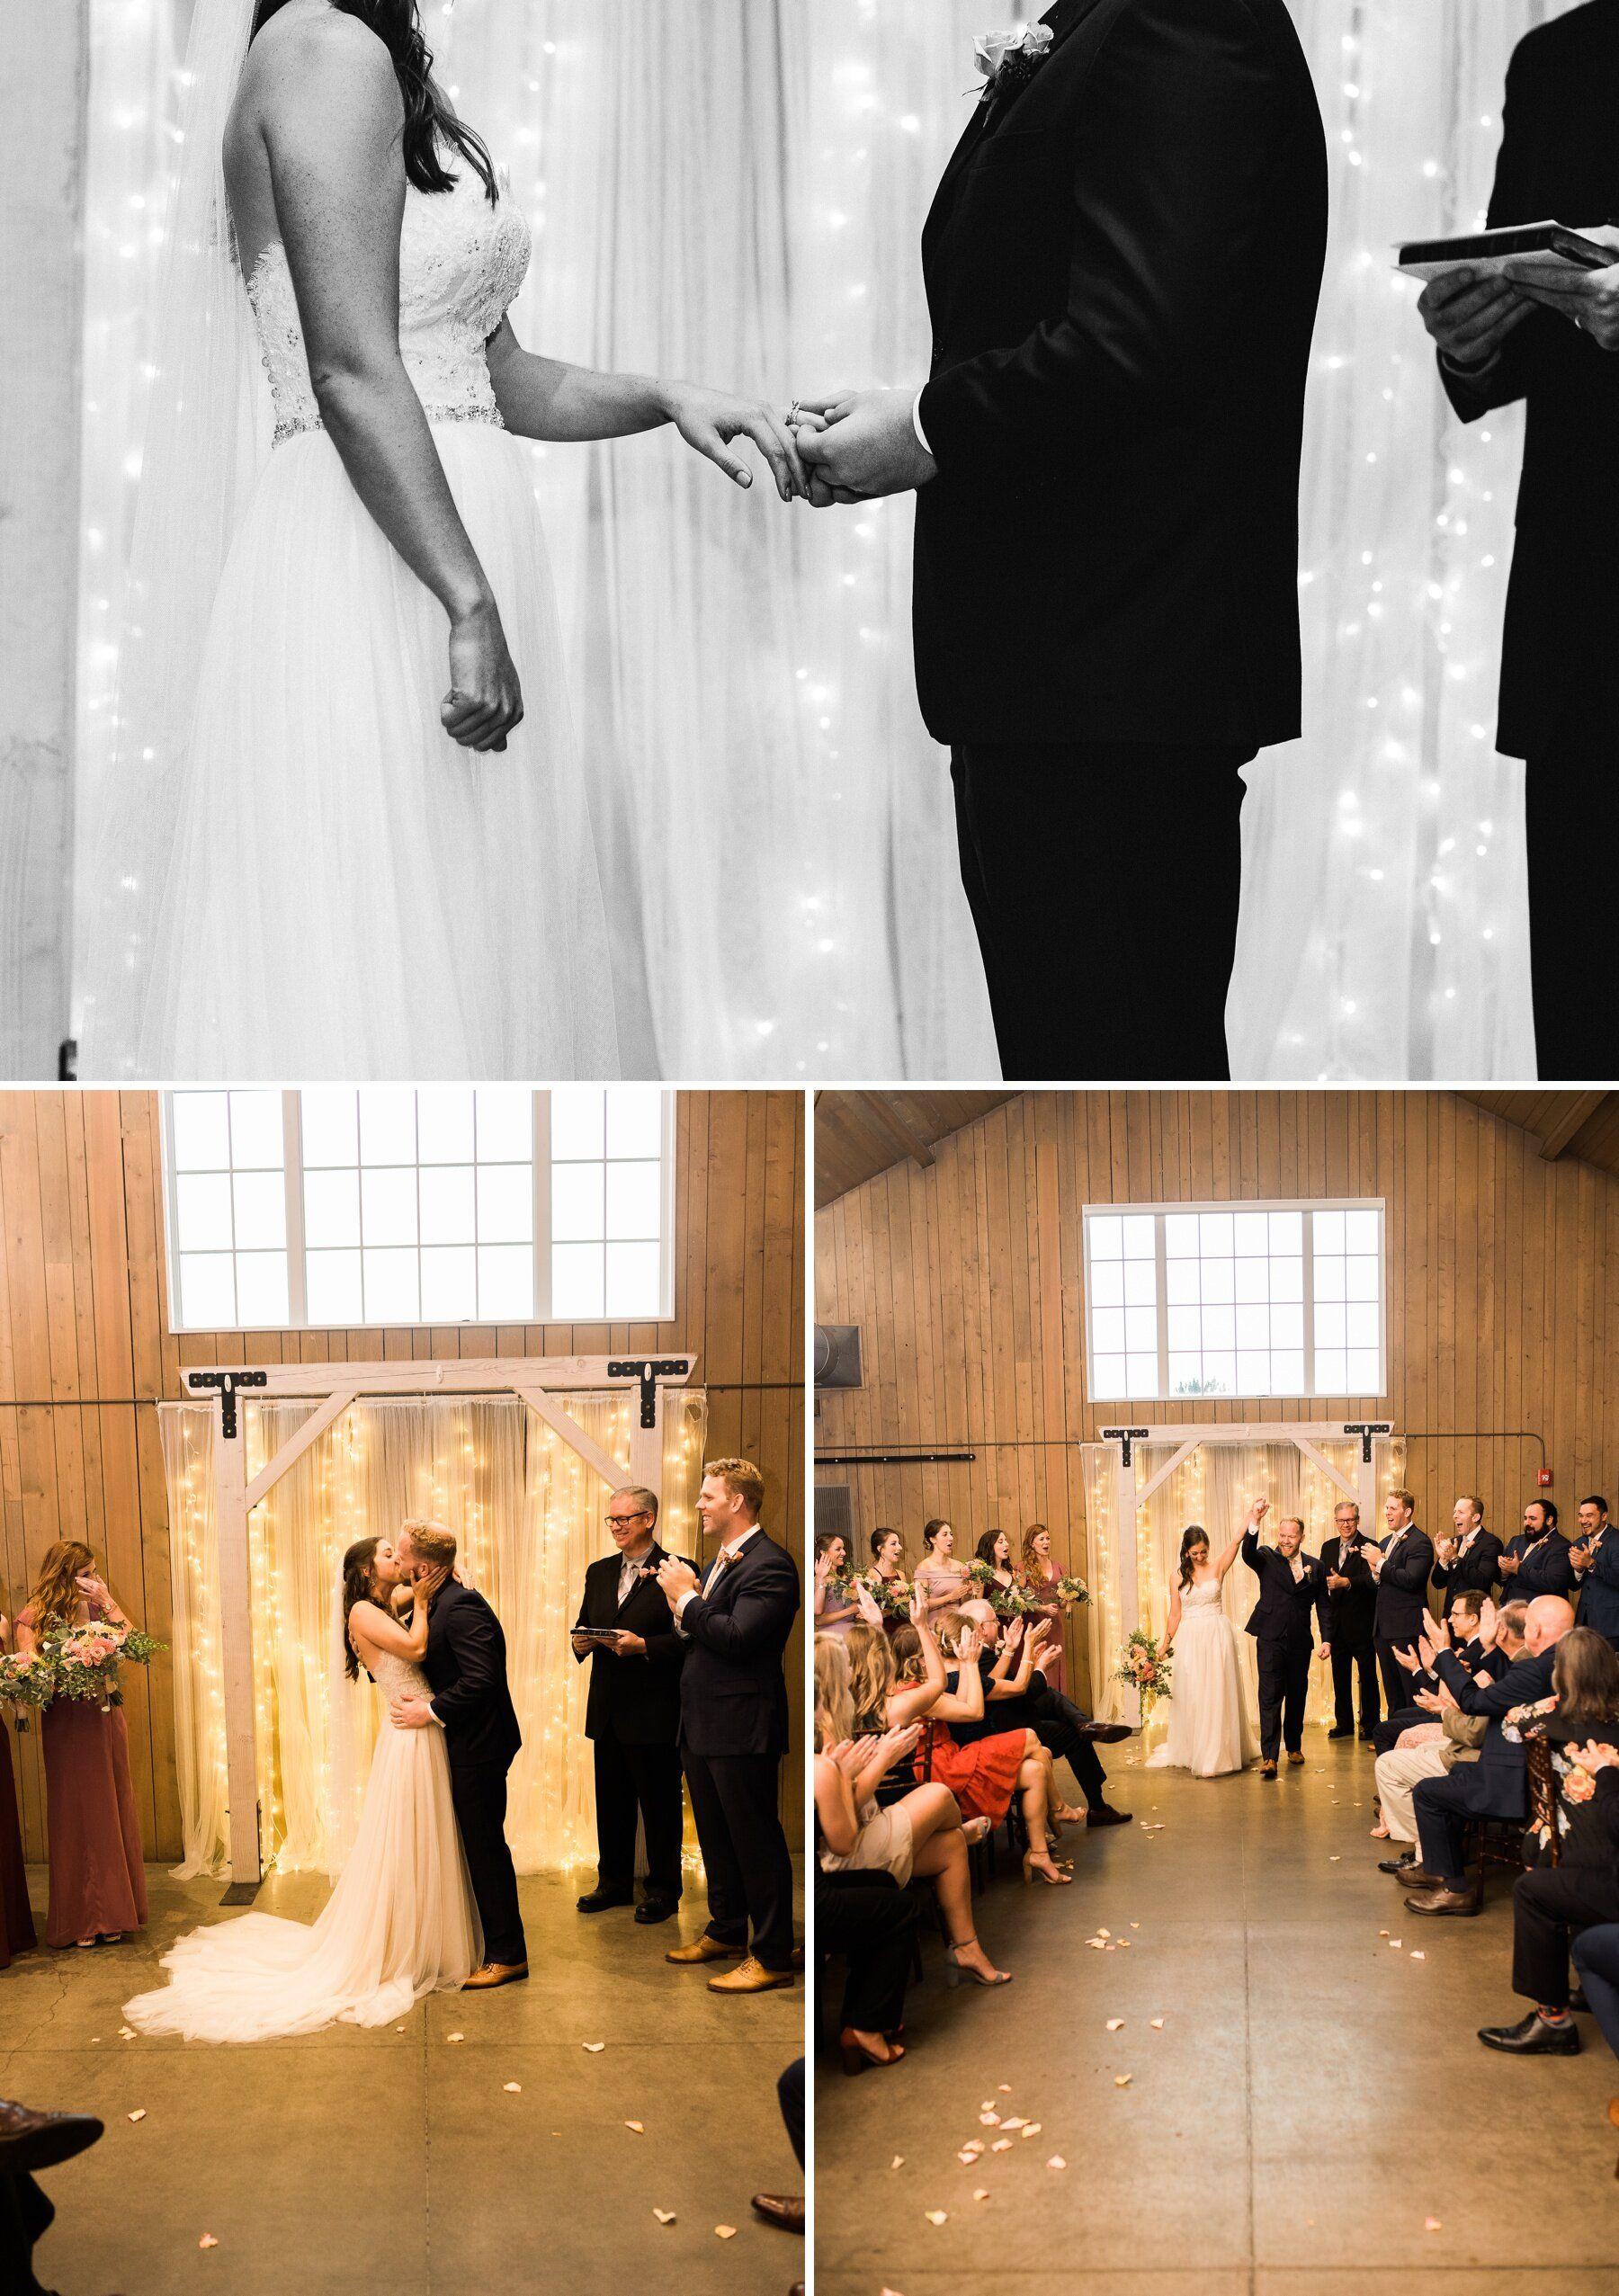 The Barn At Raccoon Creek Wedding Indoor Ceremony In 2020 Denver Wedding Denver Wedding Venue Denver Wedding Photographer